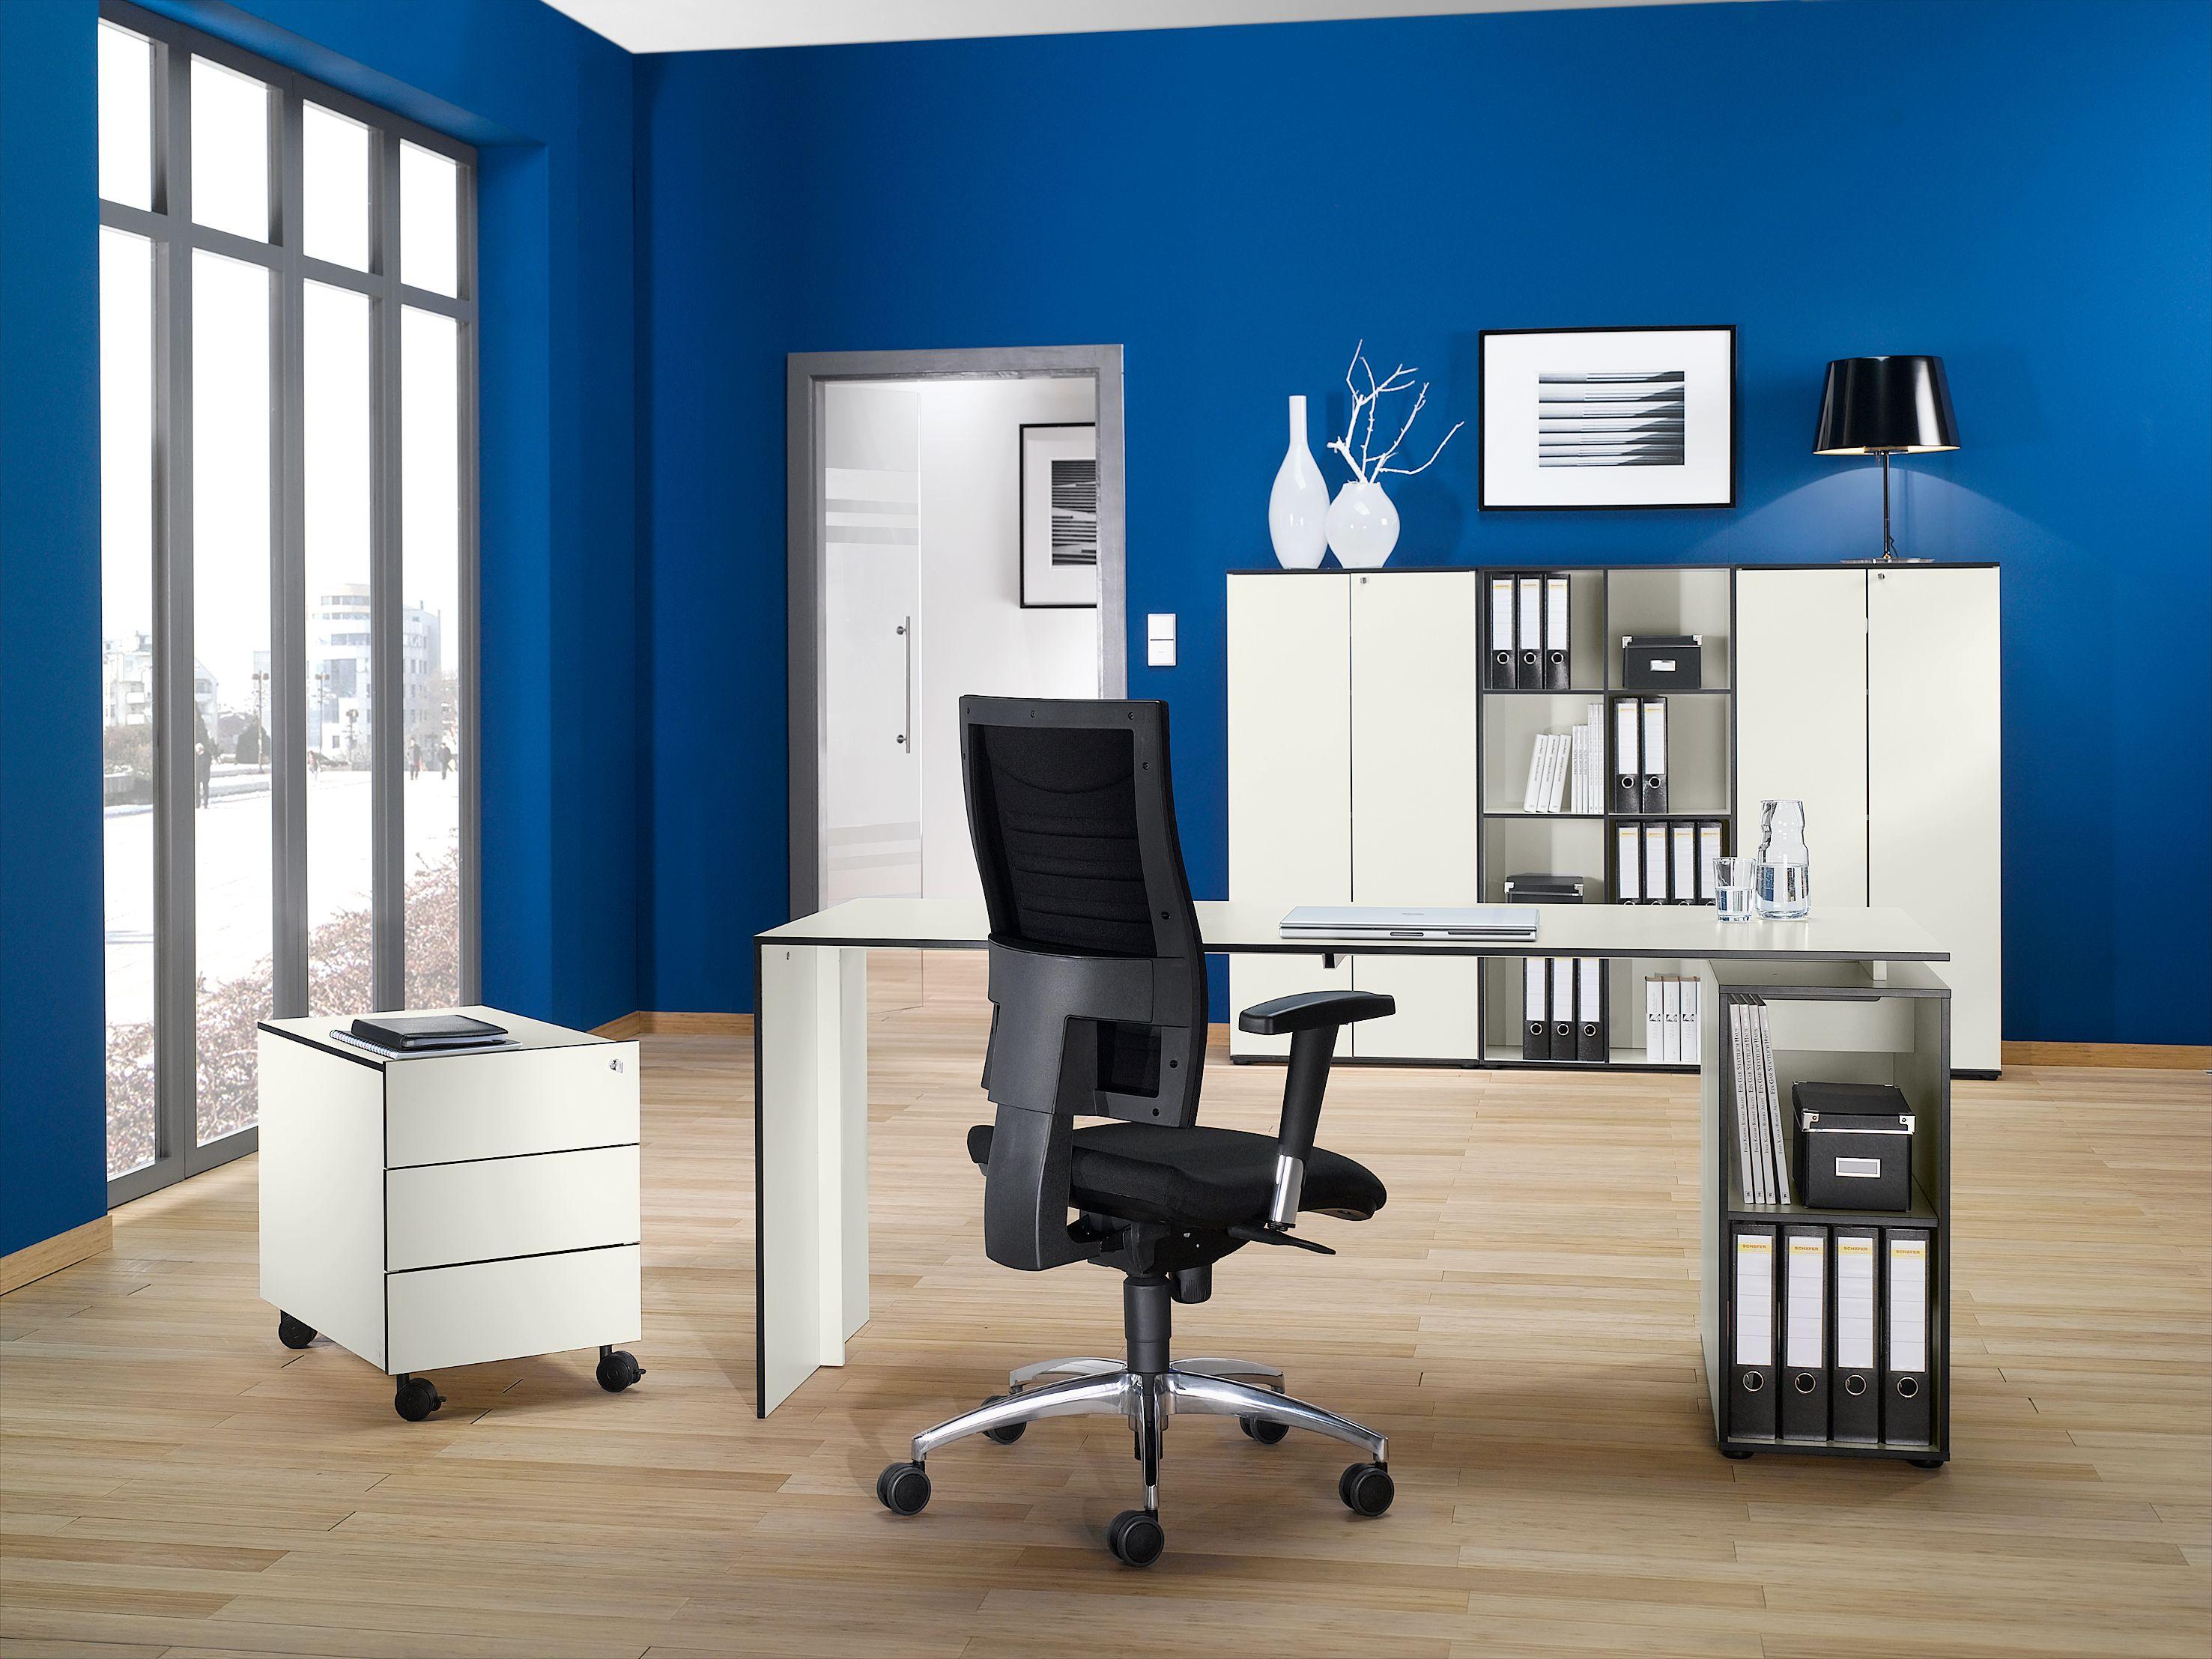 Büromöbel CORDOBA von Schäfer Shop | Büromöbel CORDOBA von Schäfer ...